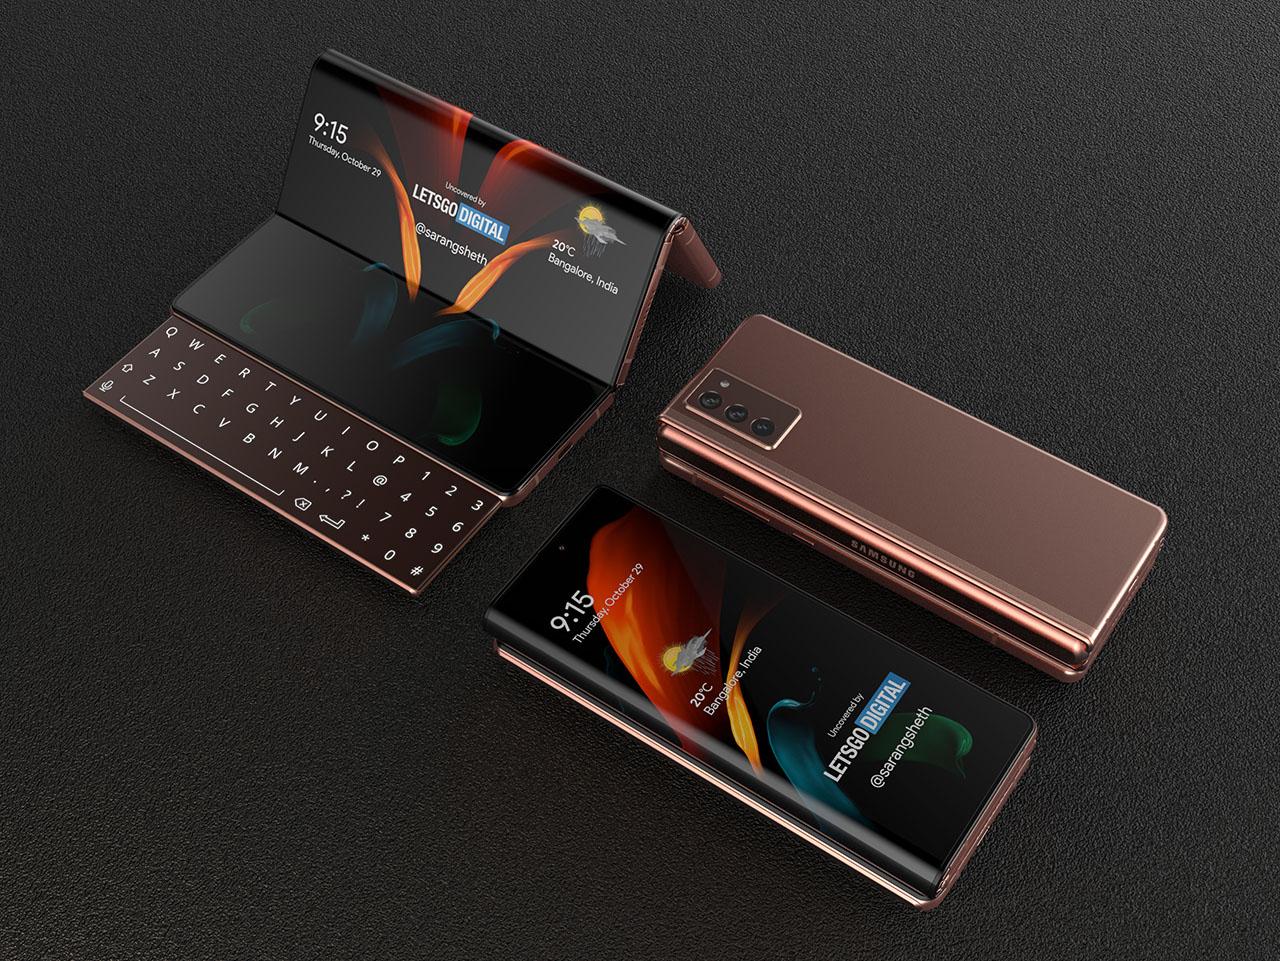 Πιθανή μία μικρότερη εξωτερική οθόνη στο Samsung Galaxy Z Fold 3